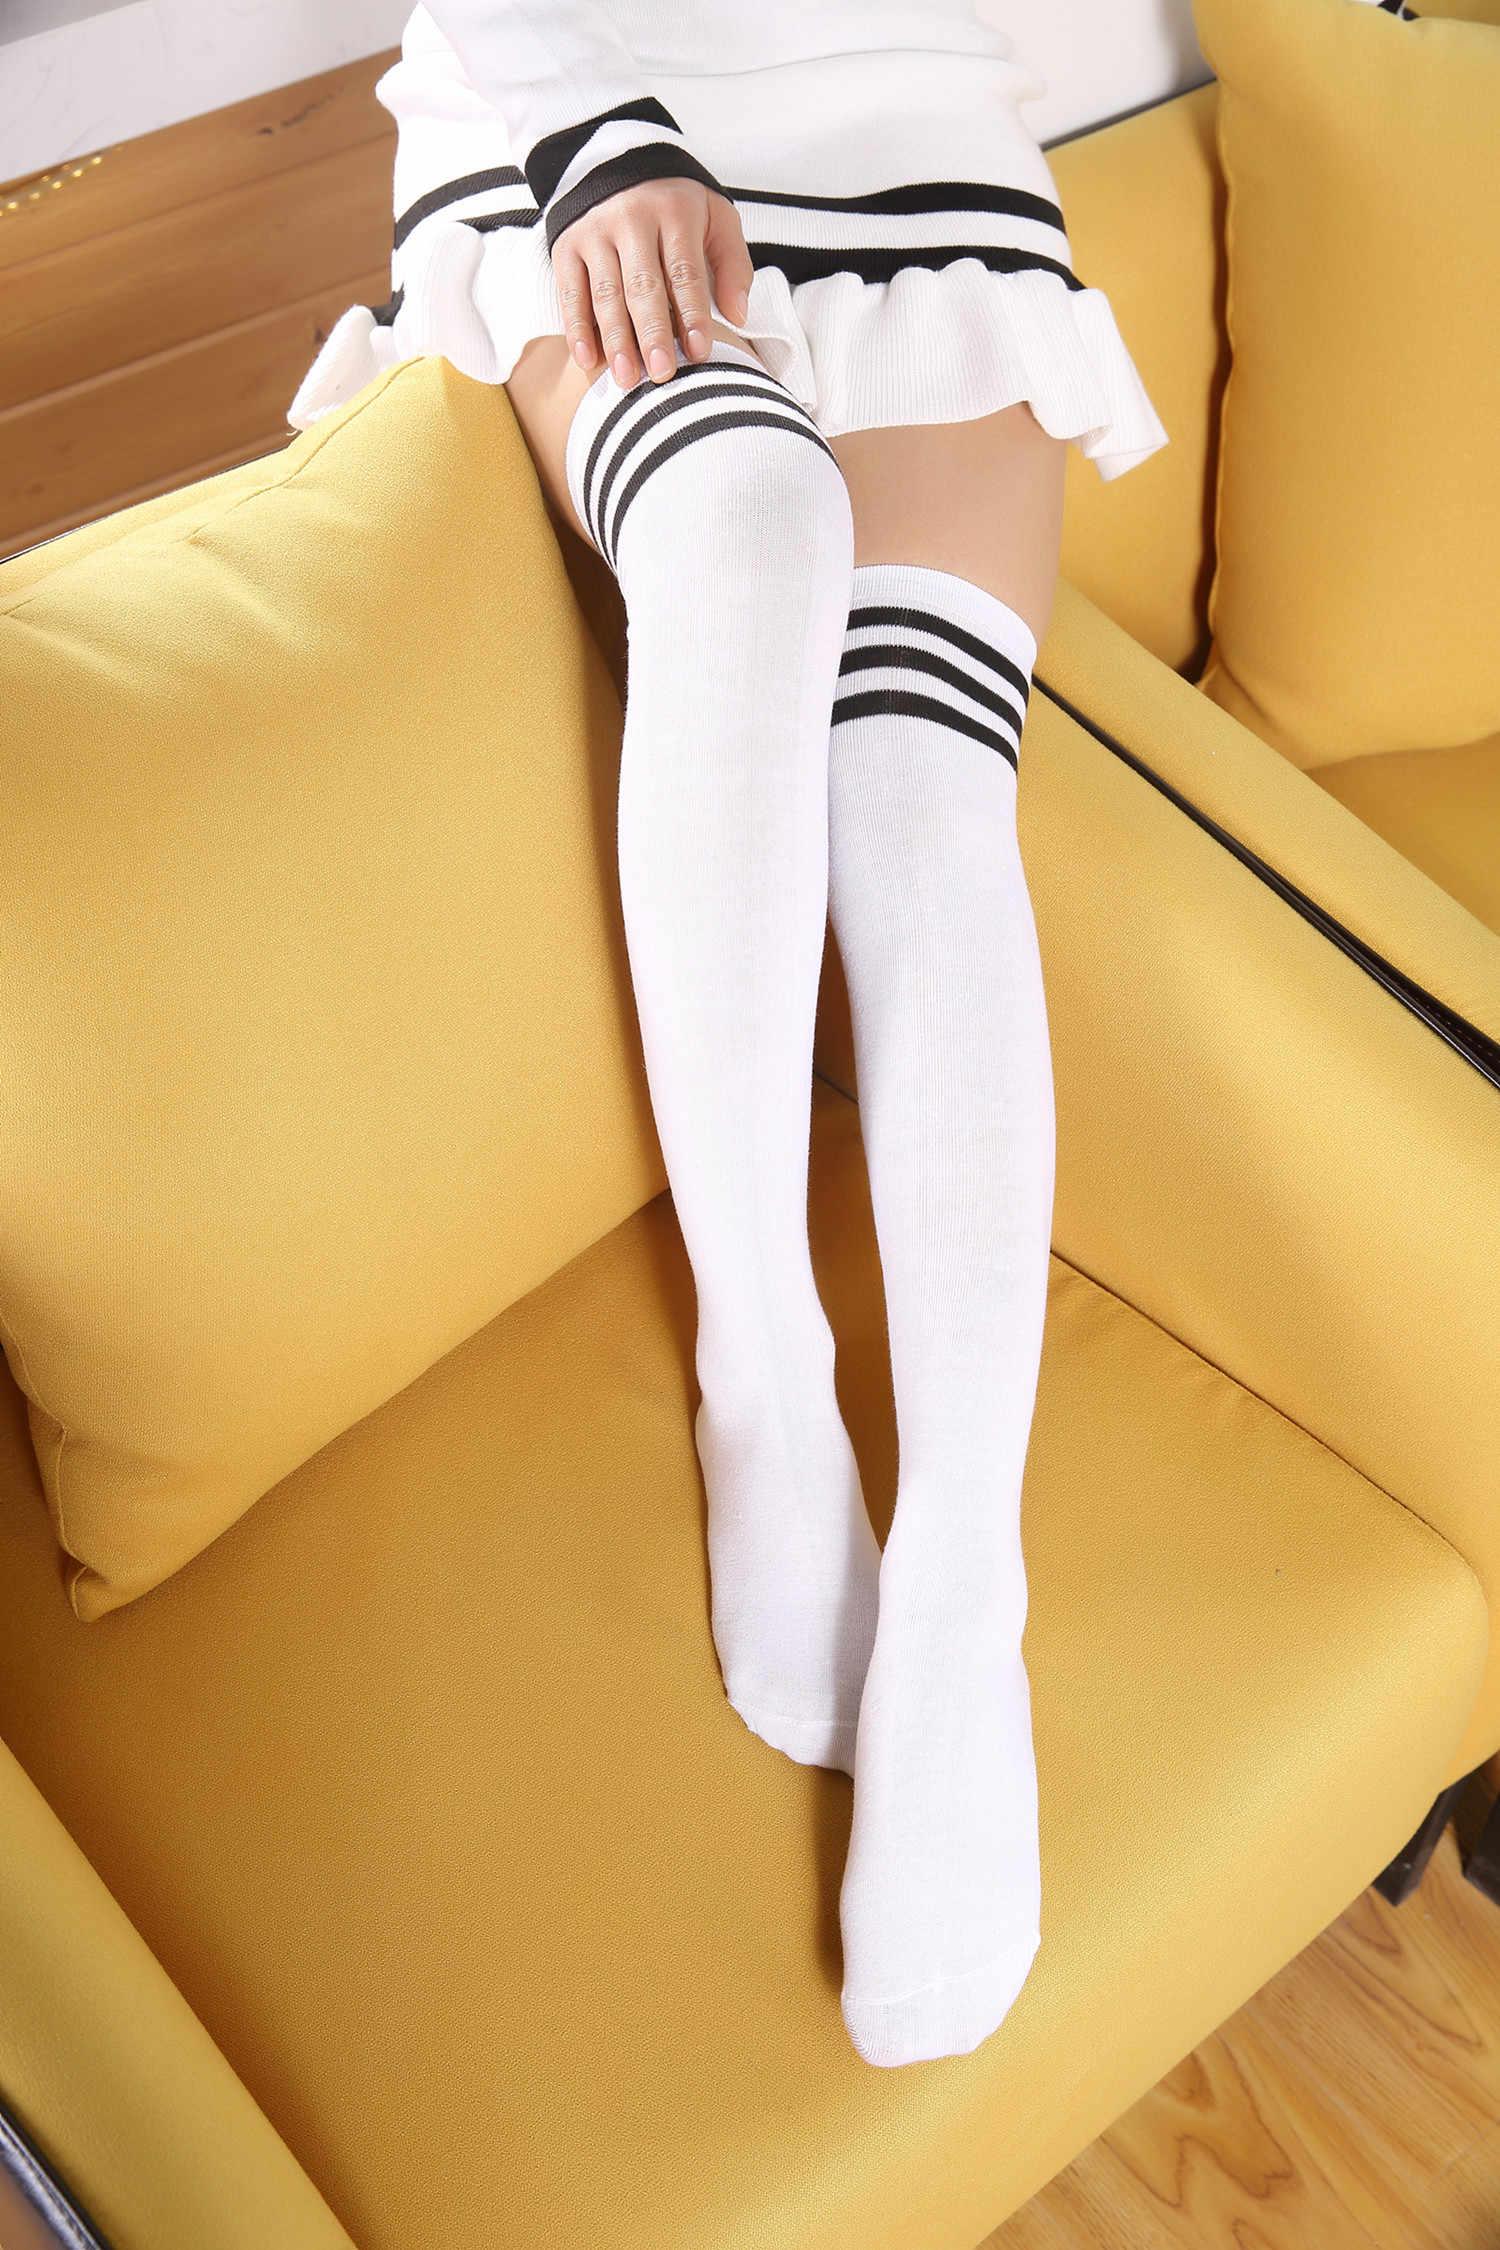 เซ็กซี่ถุงเท้าถุงเท้ายาวผู้หญิงยาวถุงน่อง WARM ต้นขาสูงถุงเท้าสำหรับสุภาพสตรีใหม่แฟชั่นถุงเท้าเข่าผู้หญิง